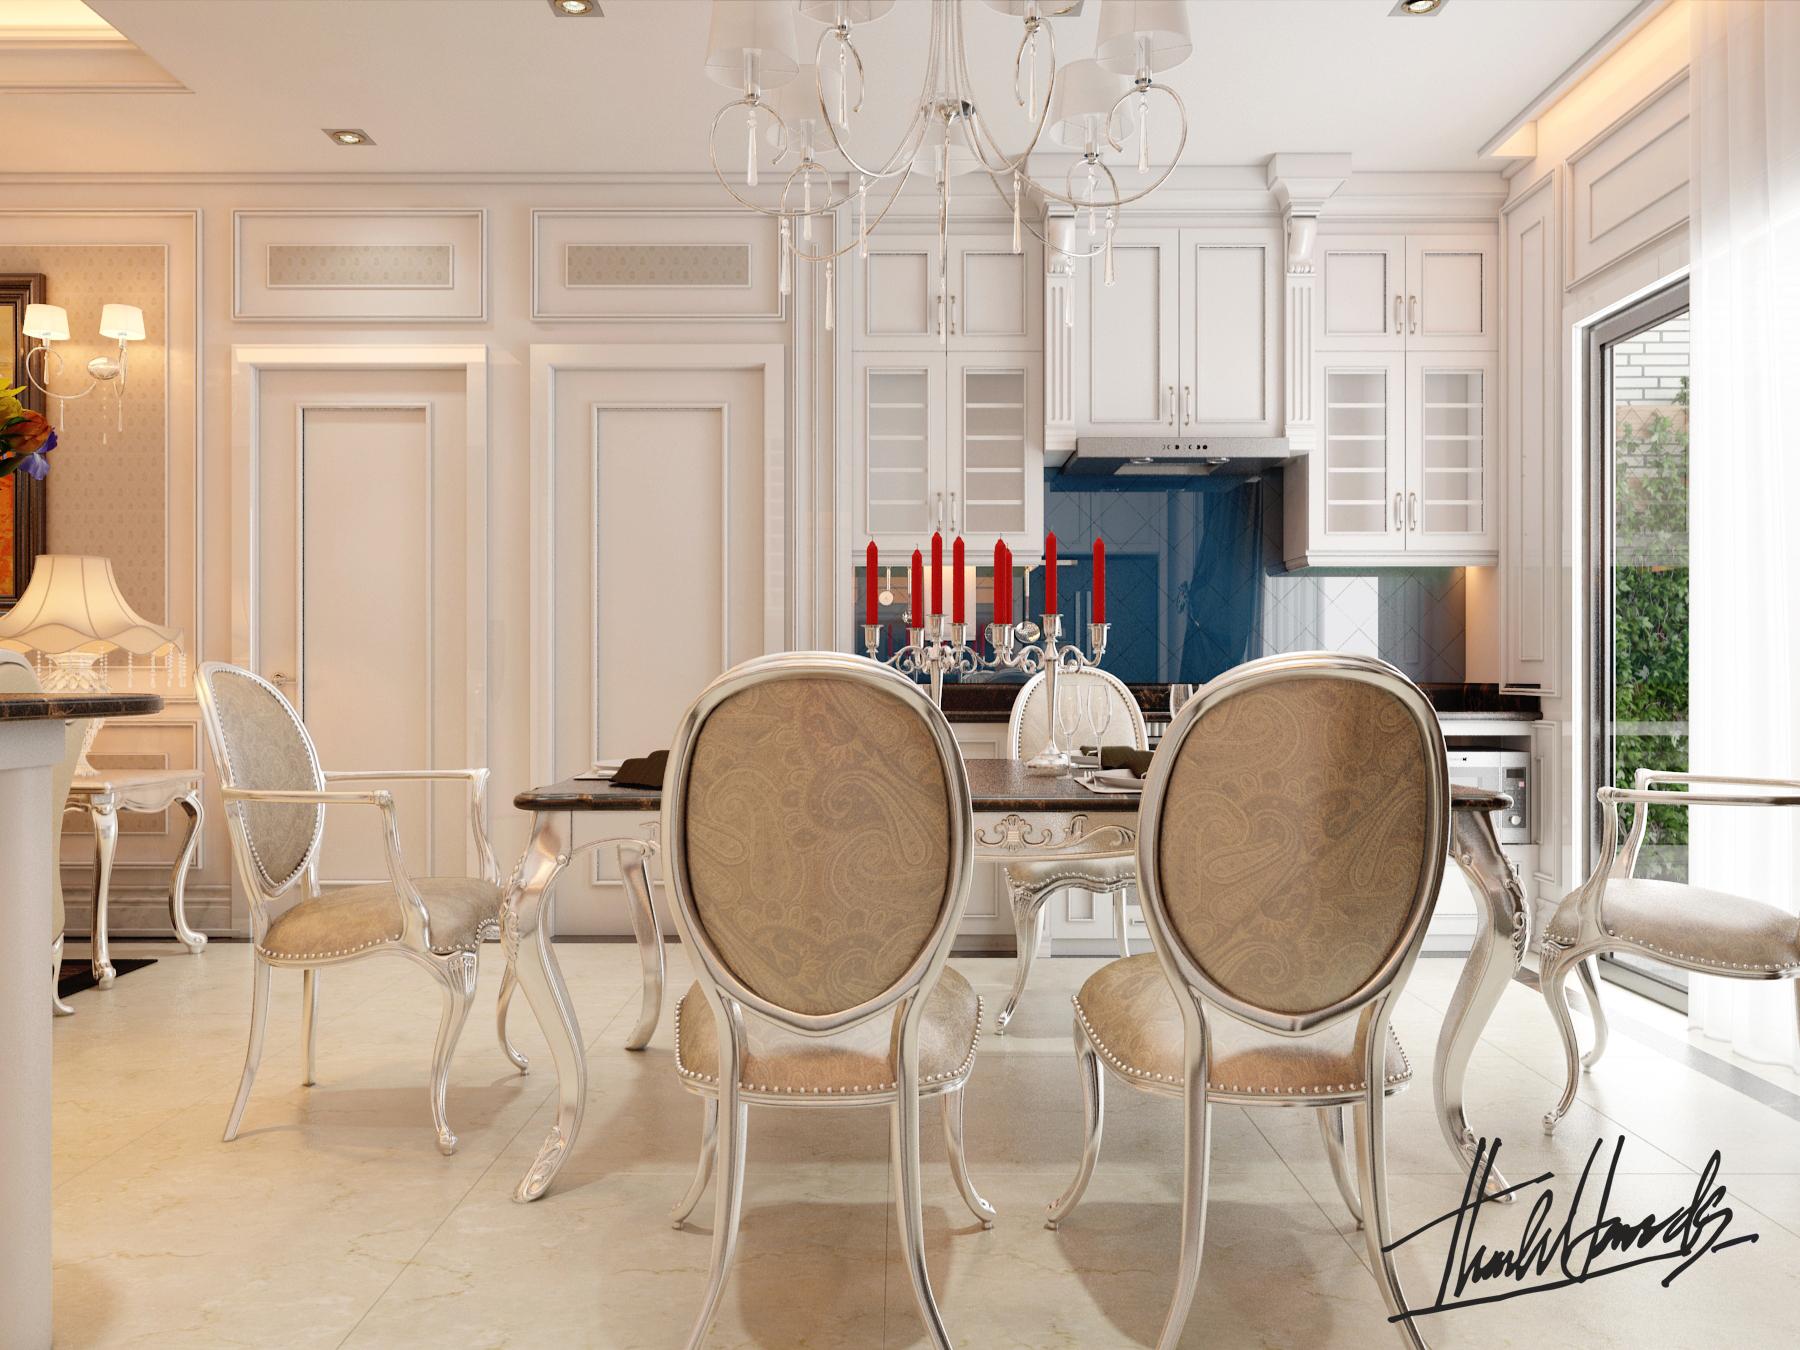 thiết kế nội thất chung cư tại Hà Nội chung cư trang an complex 4 1568277032